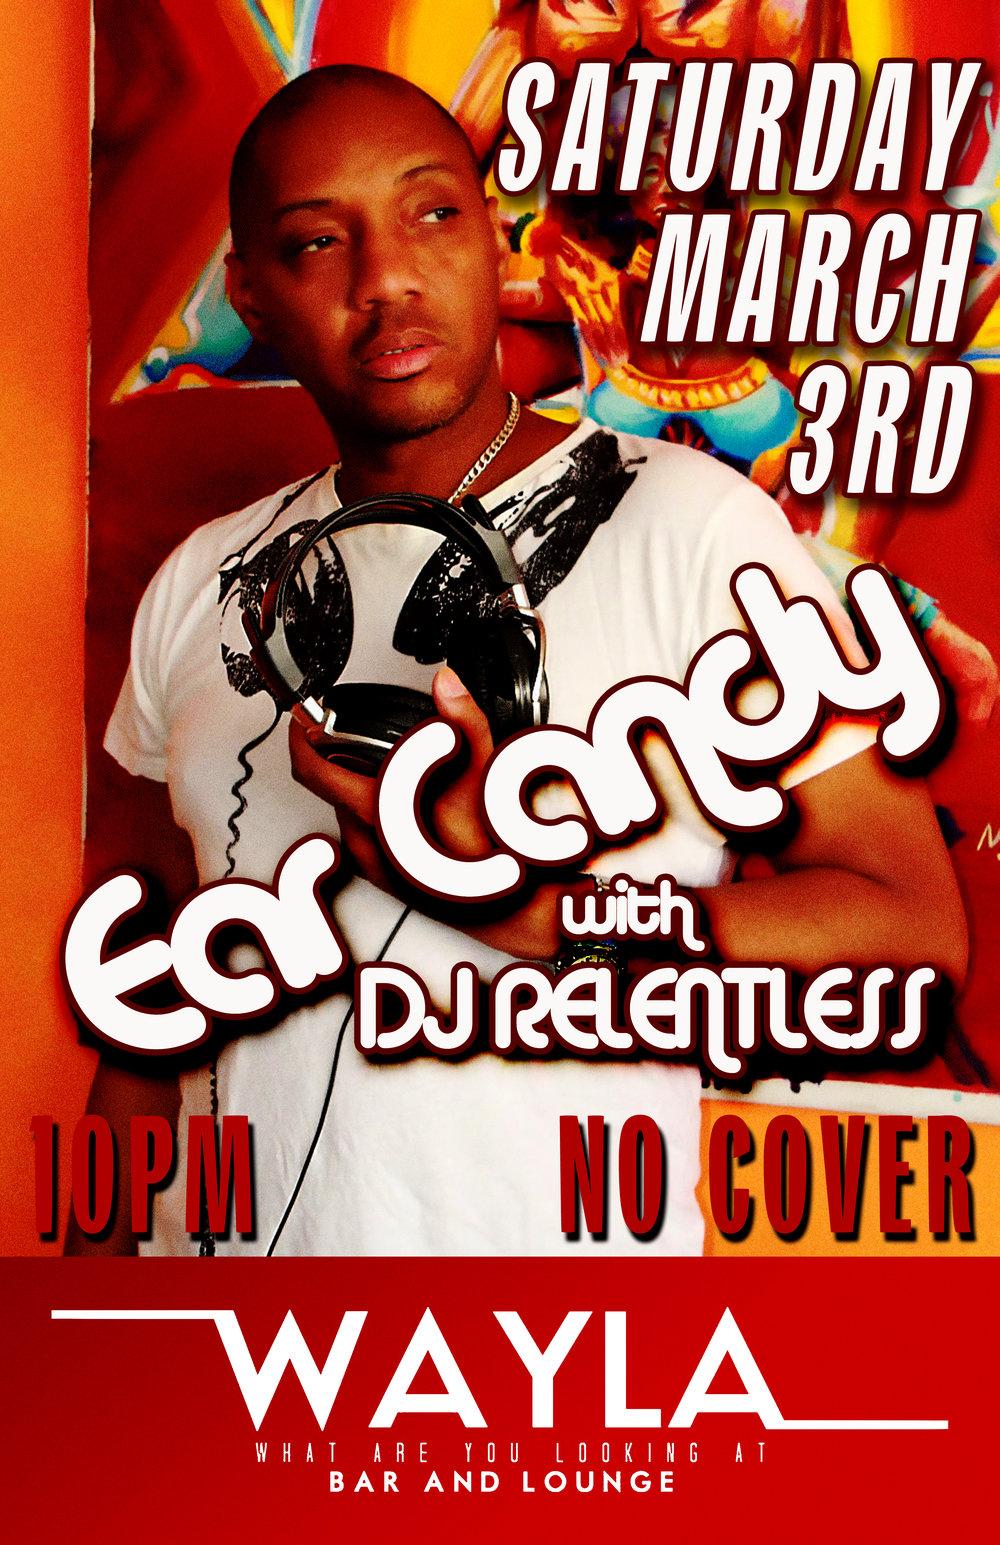 EAR CANDY March 3rd.jpg